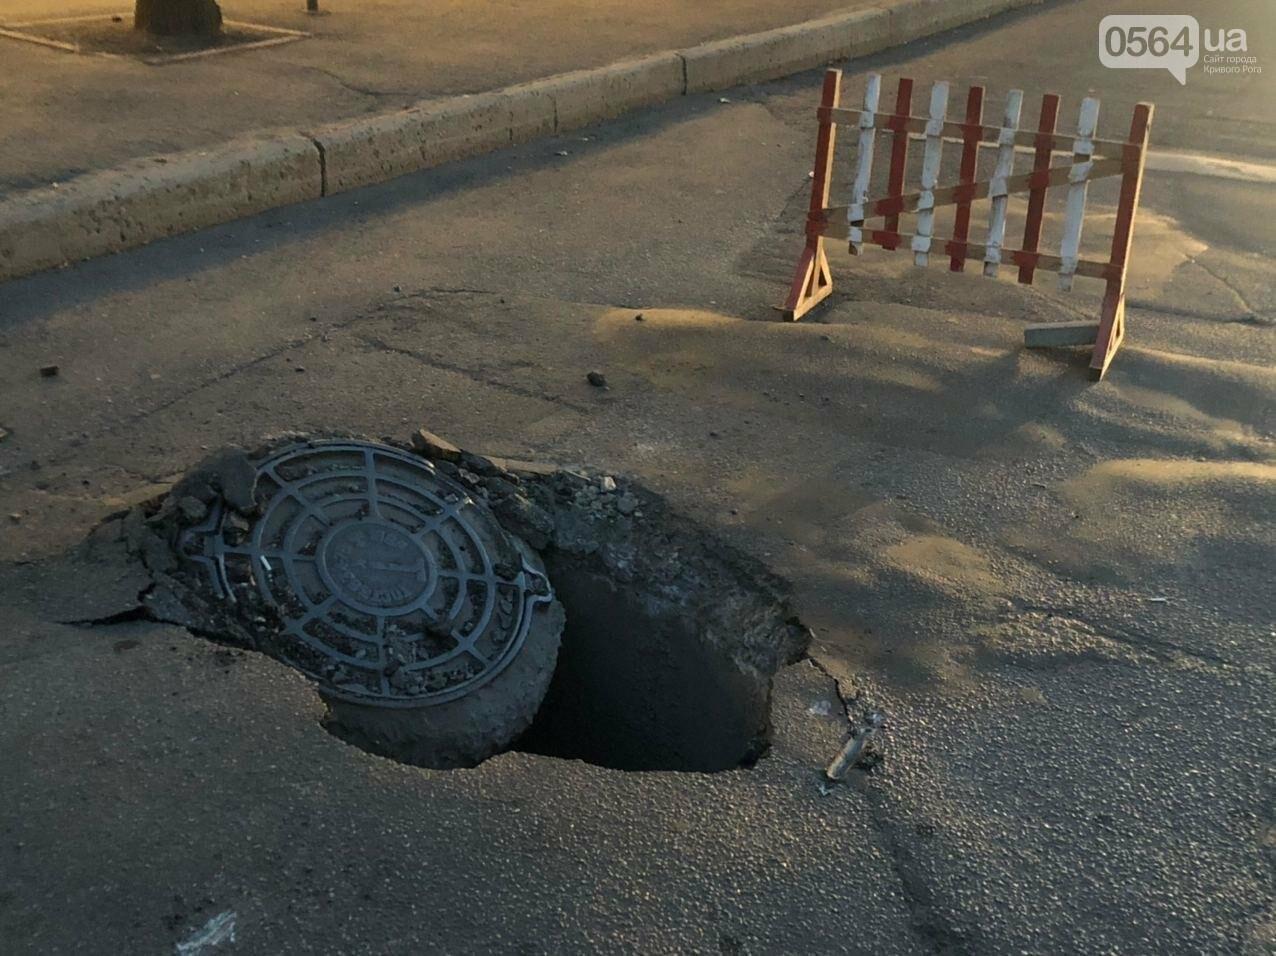 В центре Кривого Рога на дороге провалился асфальт, - ФОТО , фото-13